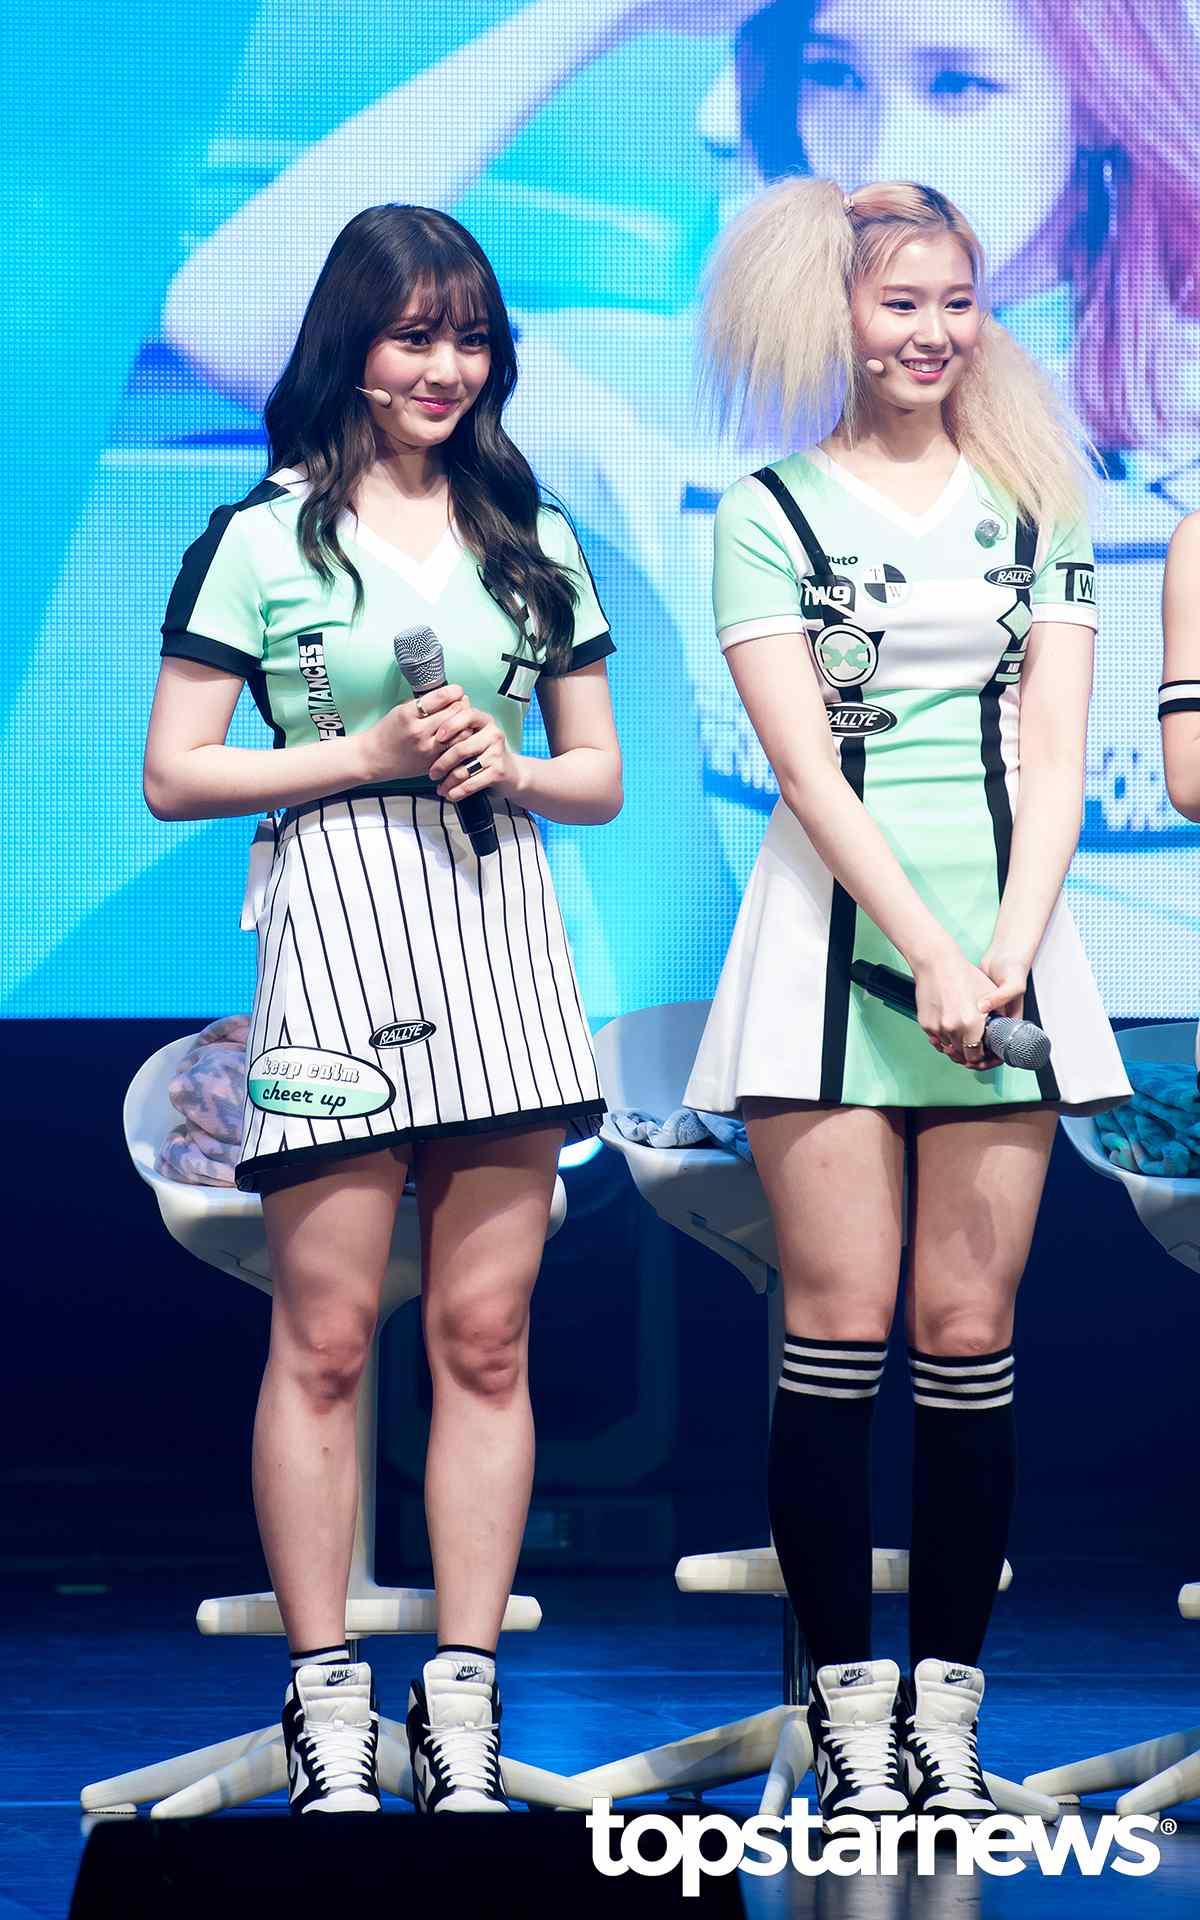 像Sana其實也被韓國網友們點名說是「隱藏版貝果女」,這樣看來TWICE每位成員根本都是可愛臉蛋加上魔鬼身材啊XD